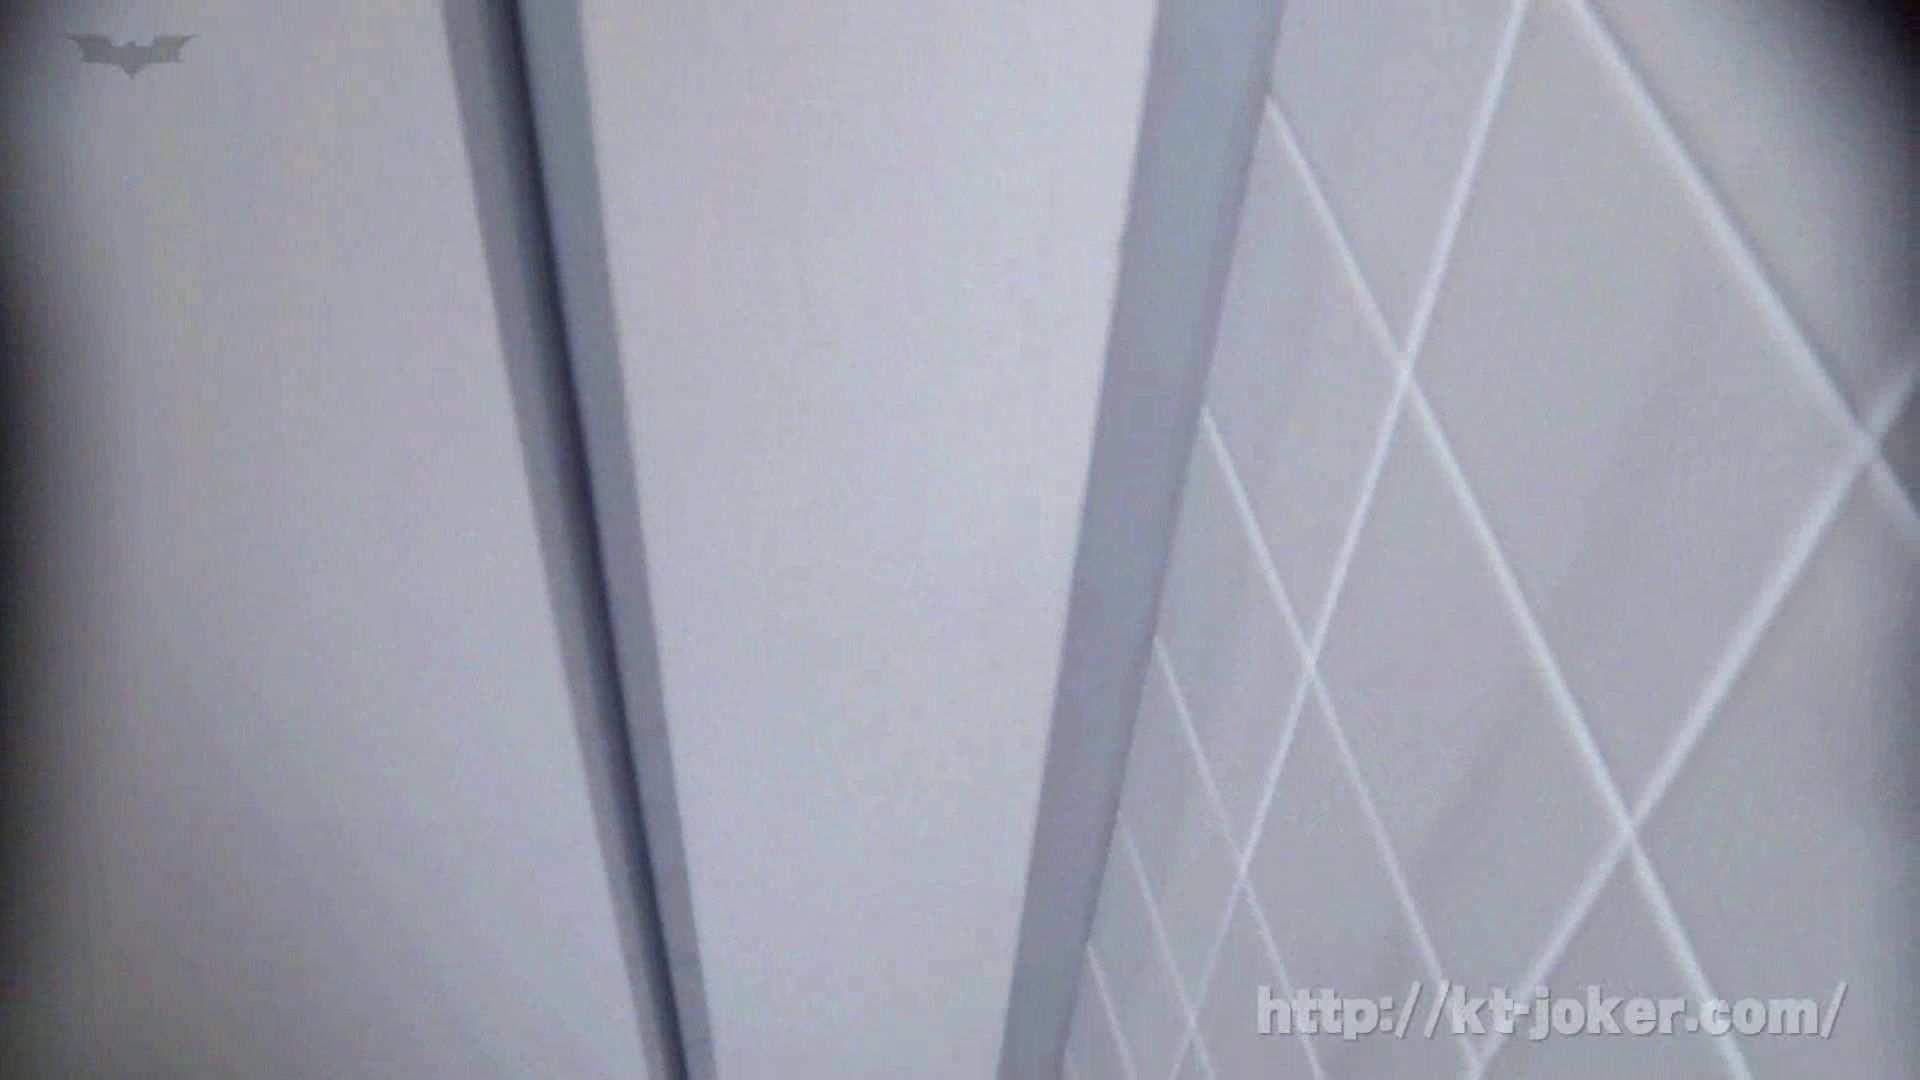 命がけ潜伏洗面所! vol.71 典型的な韓国人美女登場!! 洗面所 ワレメ動画紹介 69連発 63